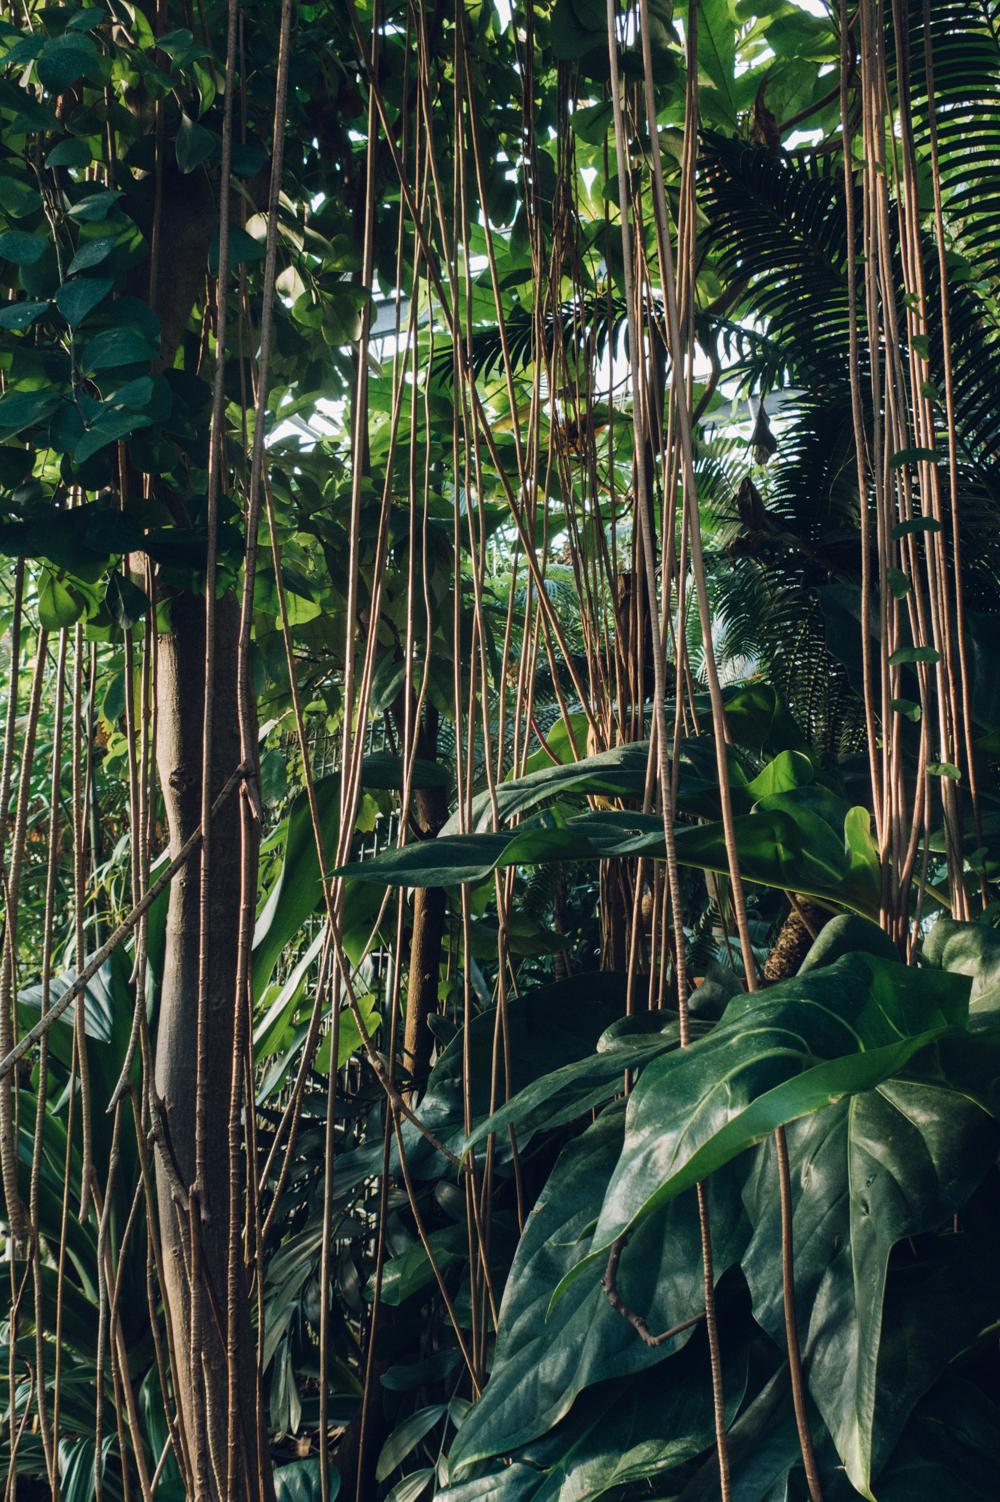 Haarkon Vines Vine Grow Forest Jungle Rainforest Garden Botanical